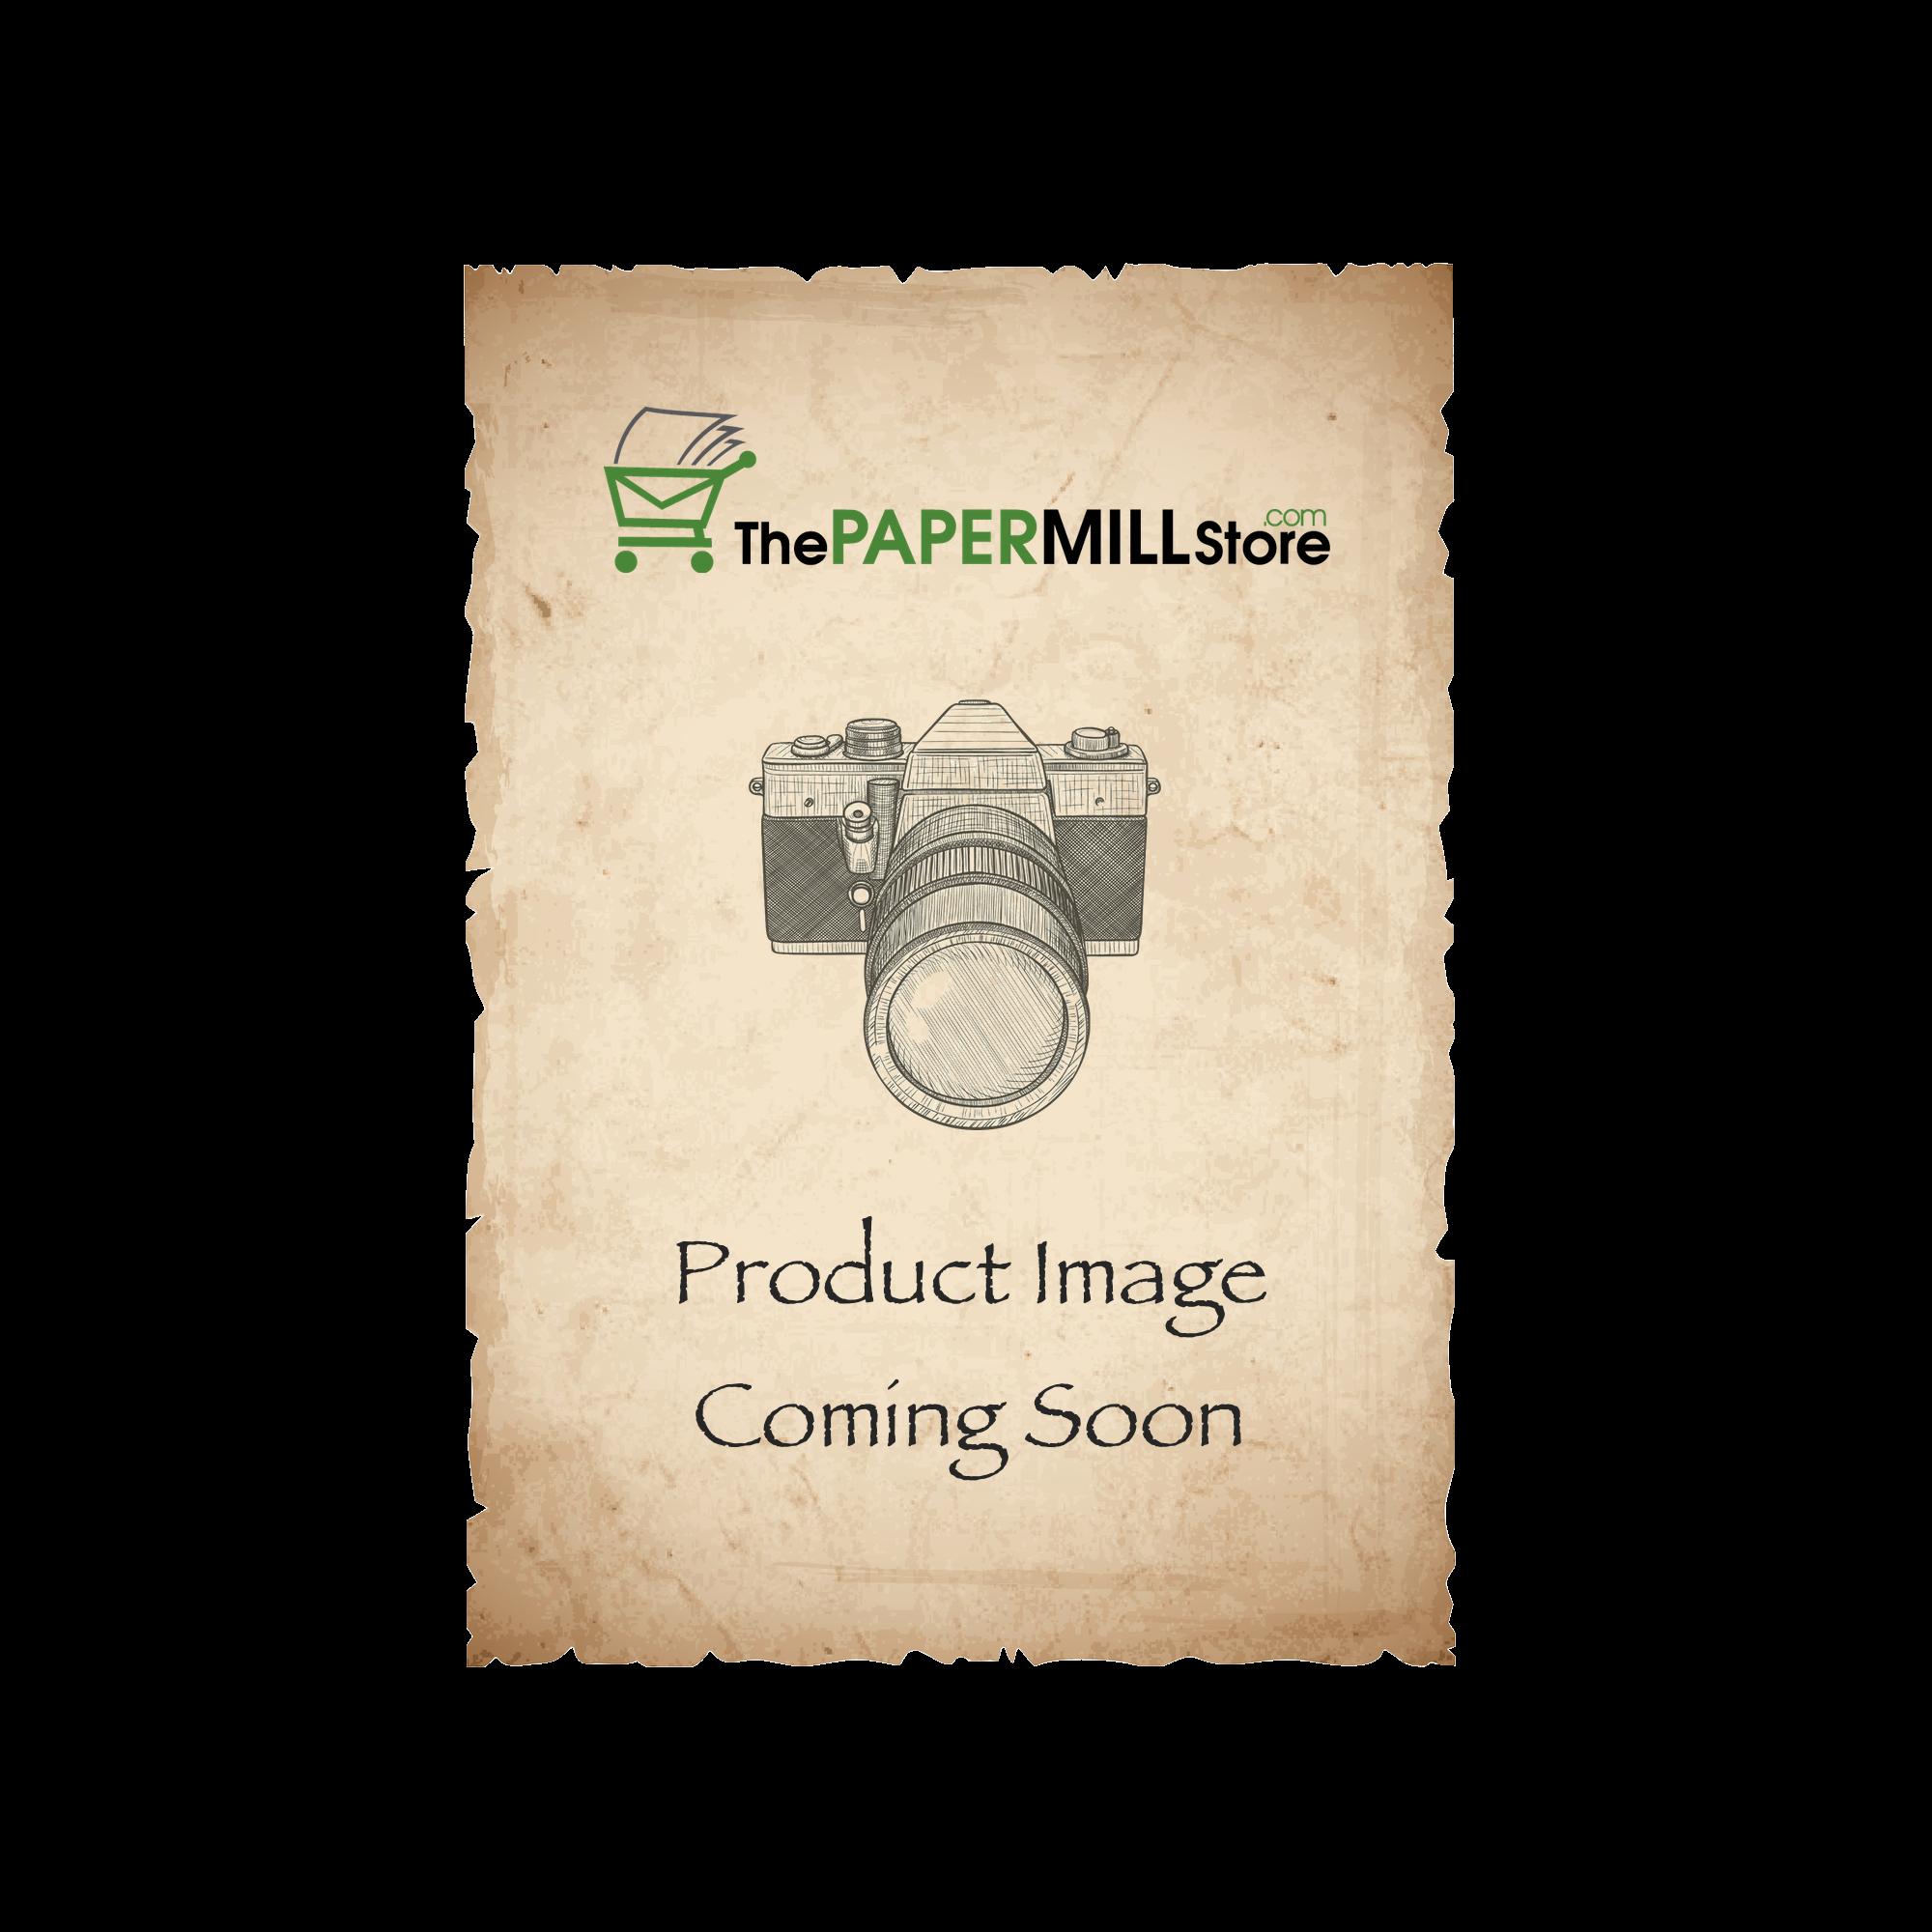 ASPIRE Petallics Juniper Berry Envelopes - A7 (5 1/4 x 7 1/4) 80 lb Text Metallic C/2S 30% Recycled  250 per Box